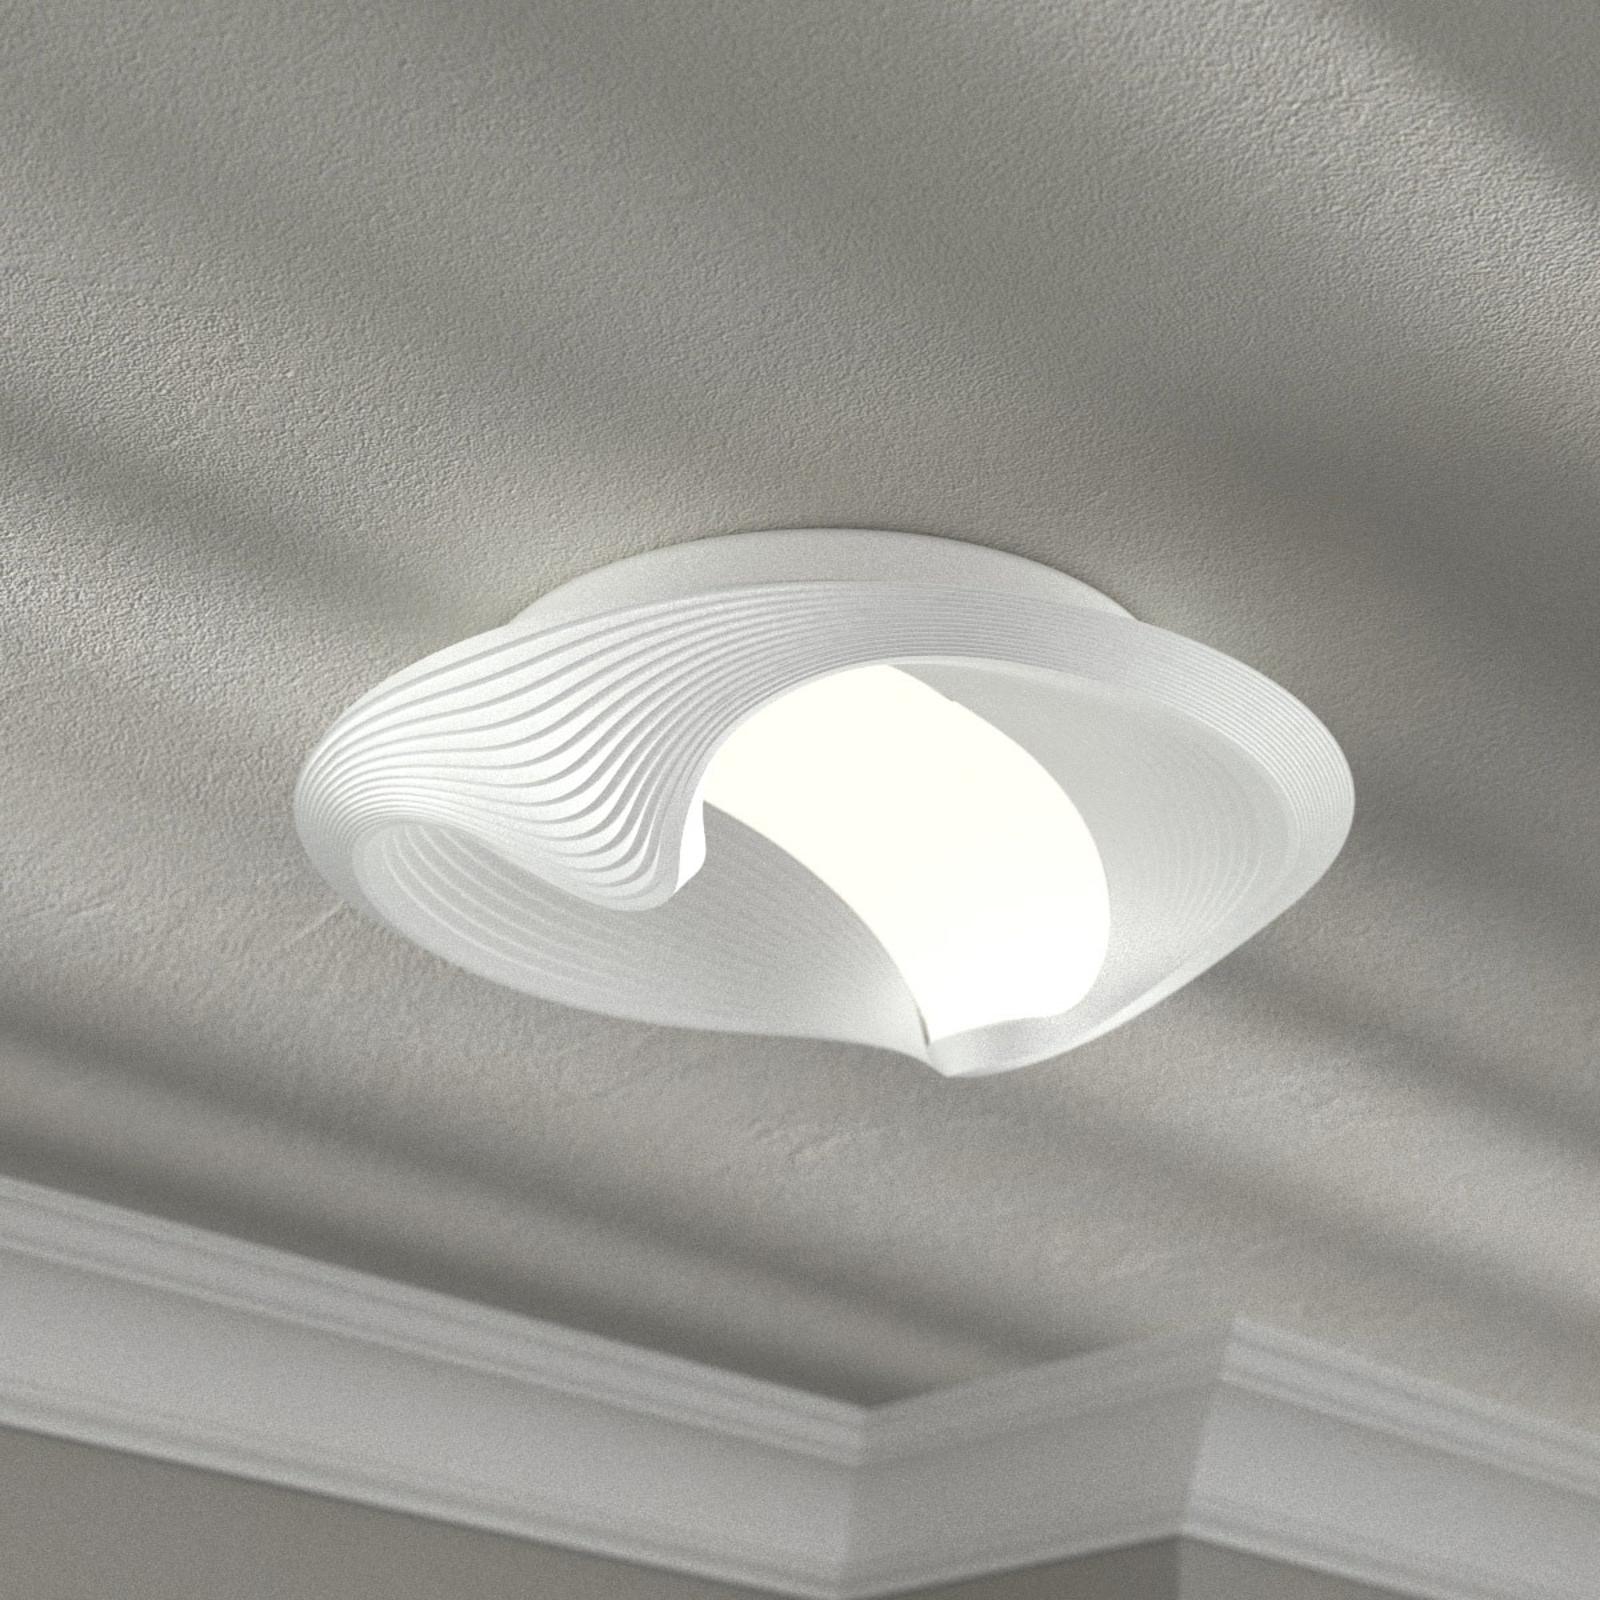 Lampa sufitowa LED Sestessa, przyciągająca wzrok